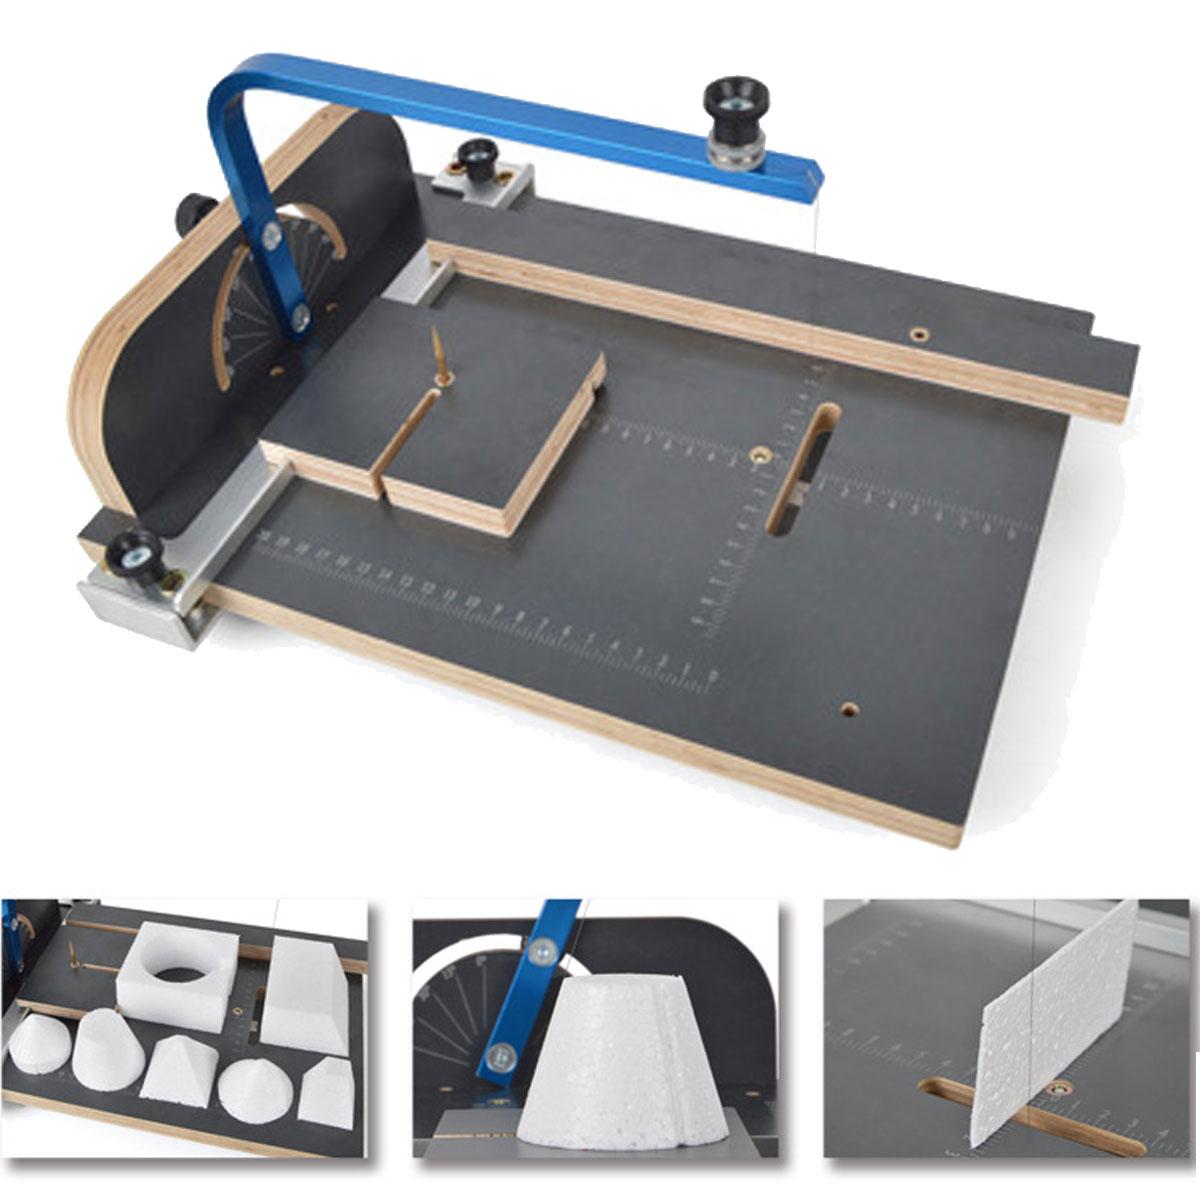 KIWARM Board WAX Hot Wire Foam Styrofoam PS Cutter Machine Working ...